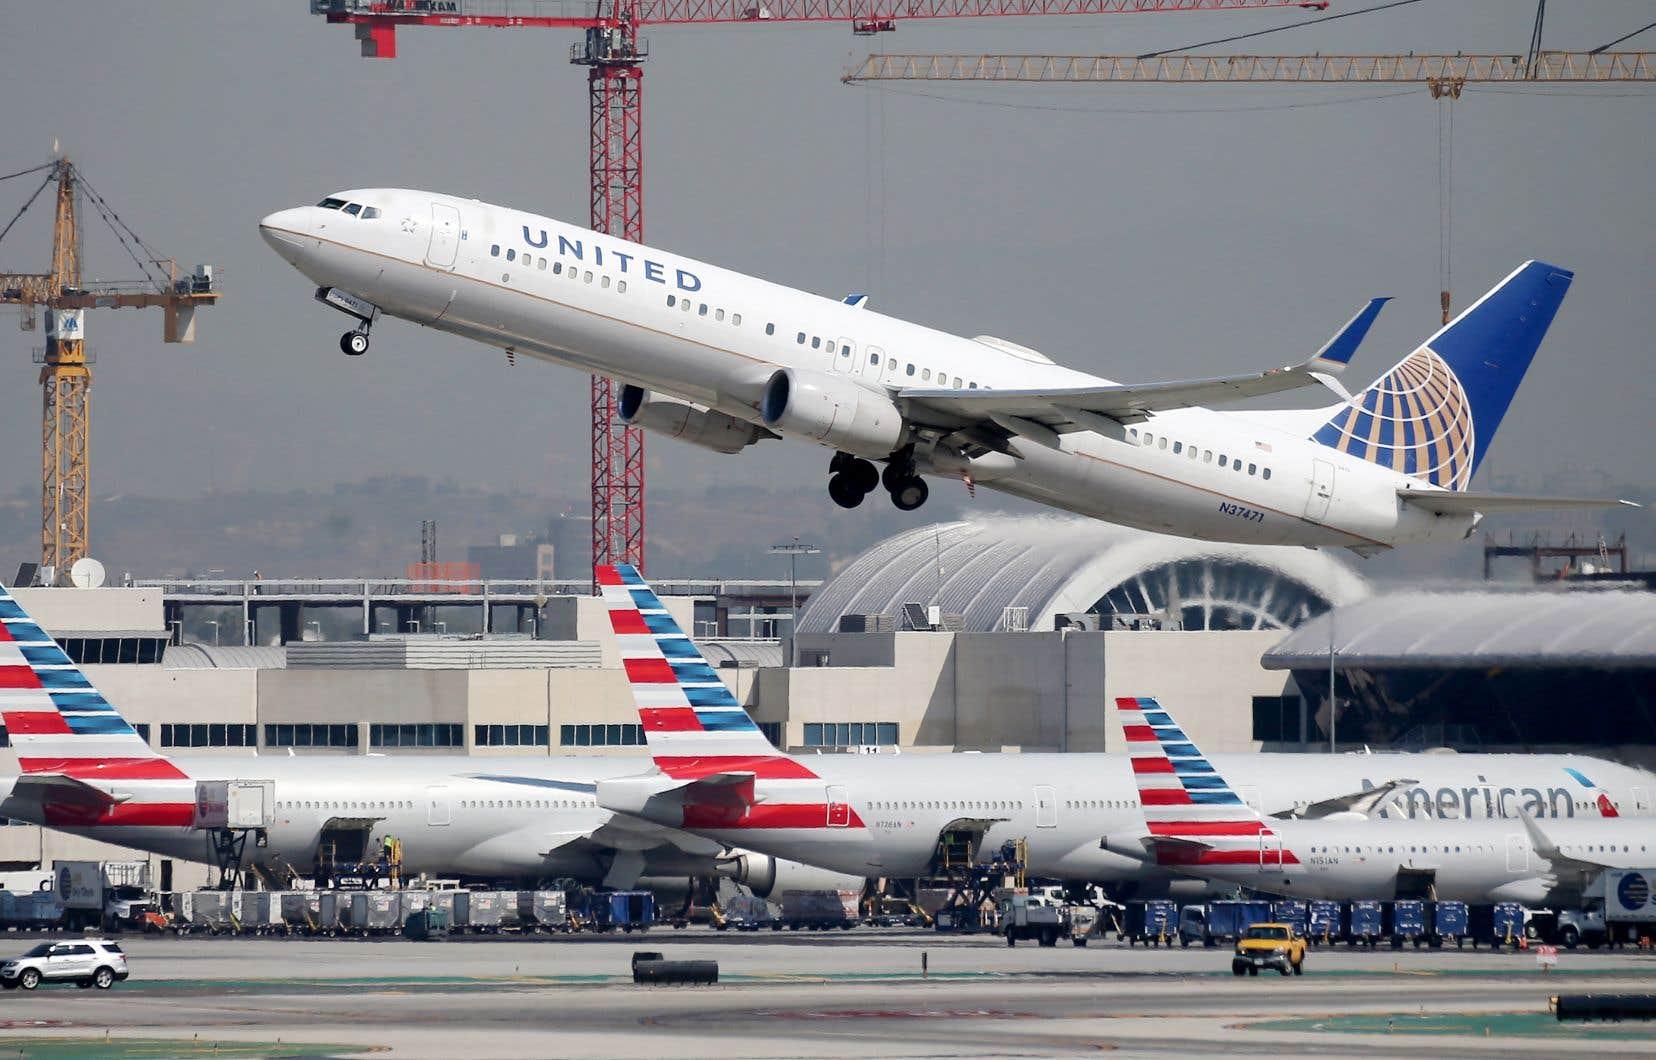 United Airlines et American Airlines, qui avaient prévenu début février qu'elles pourraient licencier jusqu'à 27000 personnes si les aides n'étaient pas prolongées après le 1eravril, ont retiré cette menace peu après le vote.